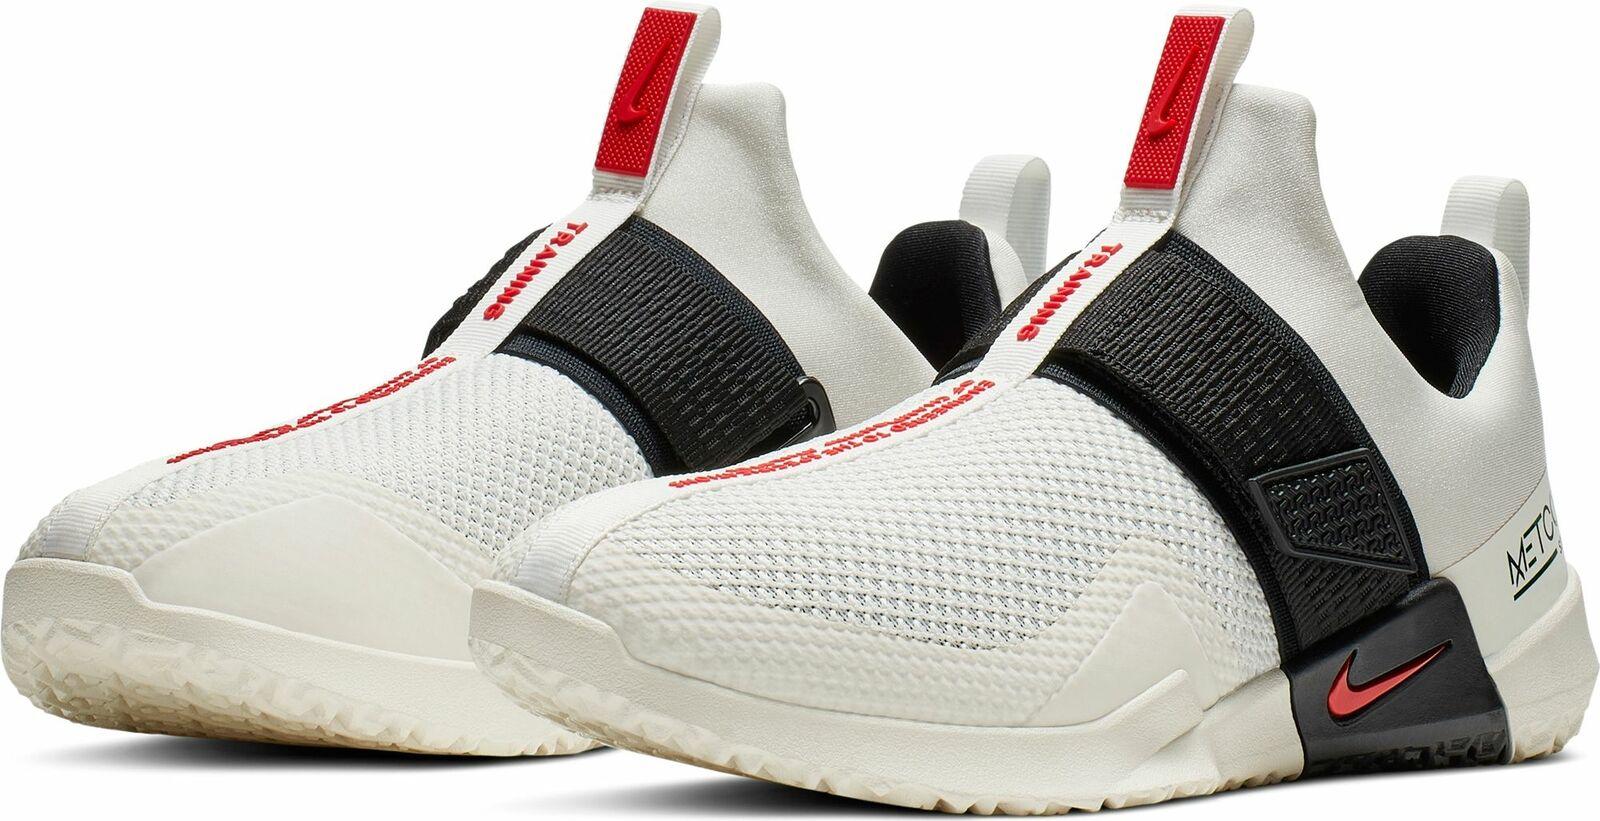 Nike Metcon Sport White Black Red Cross Training Men's 2019 All NEW